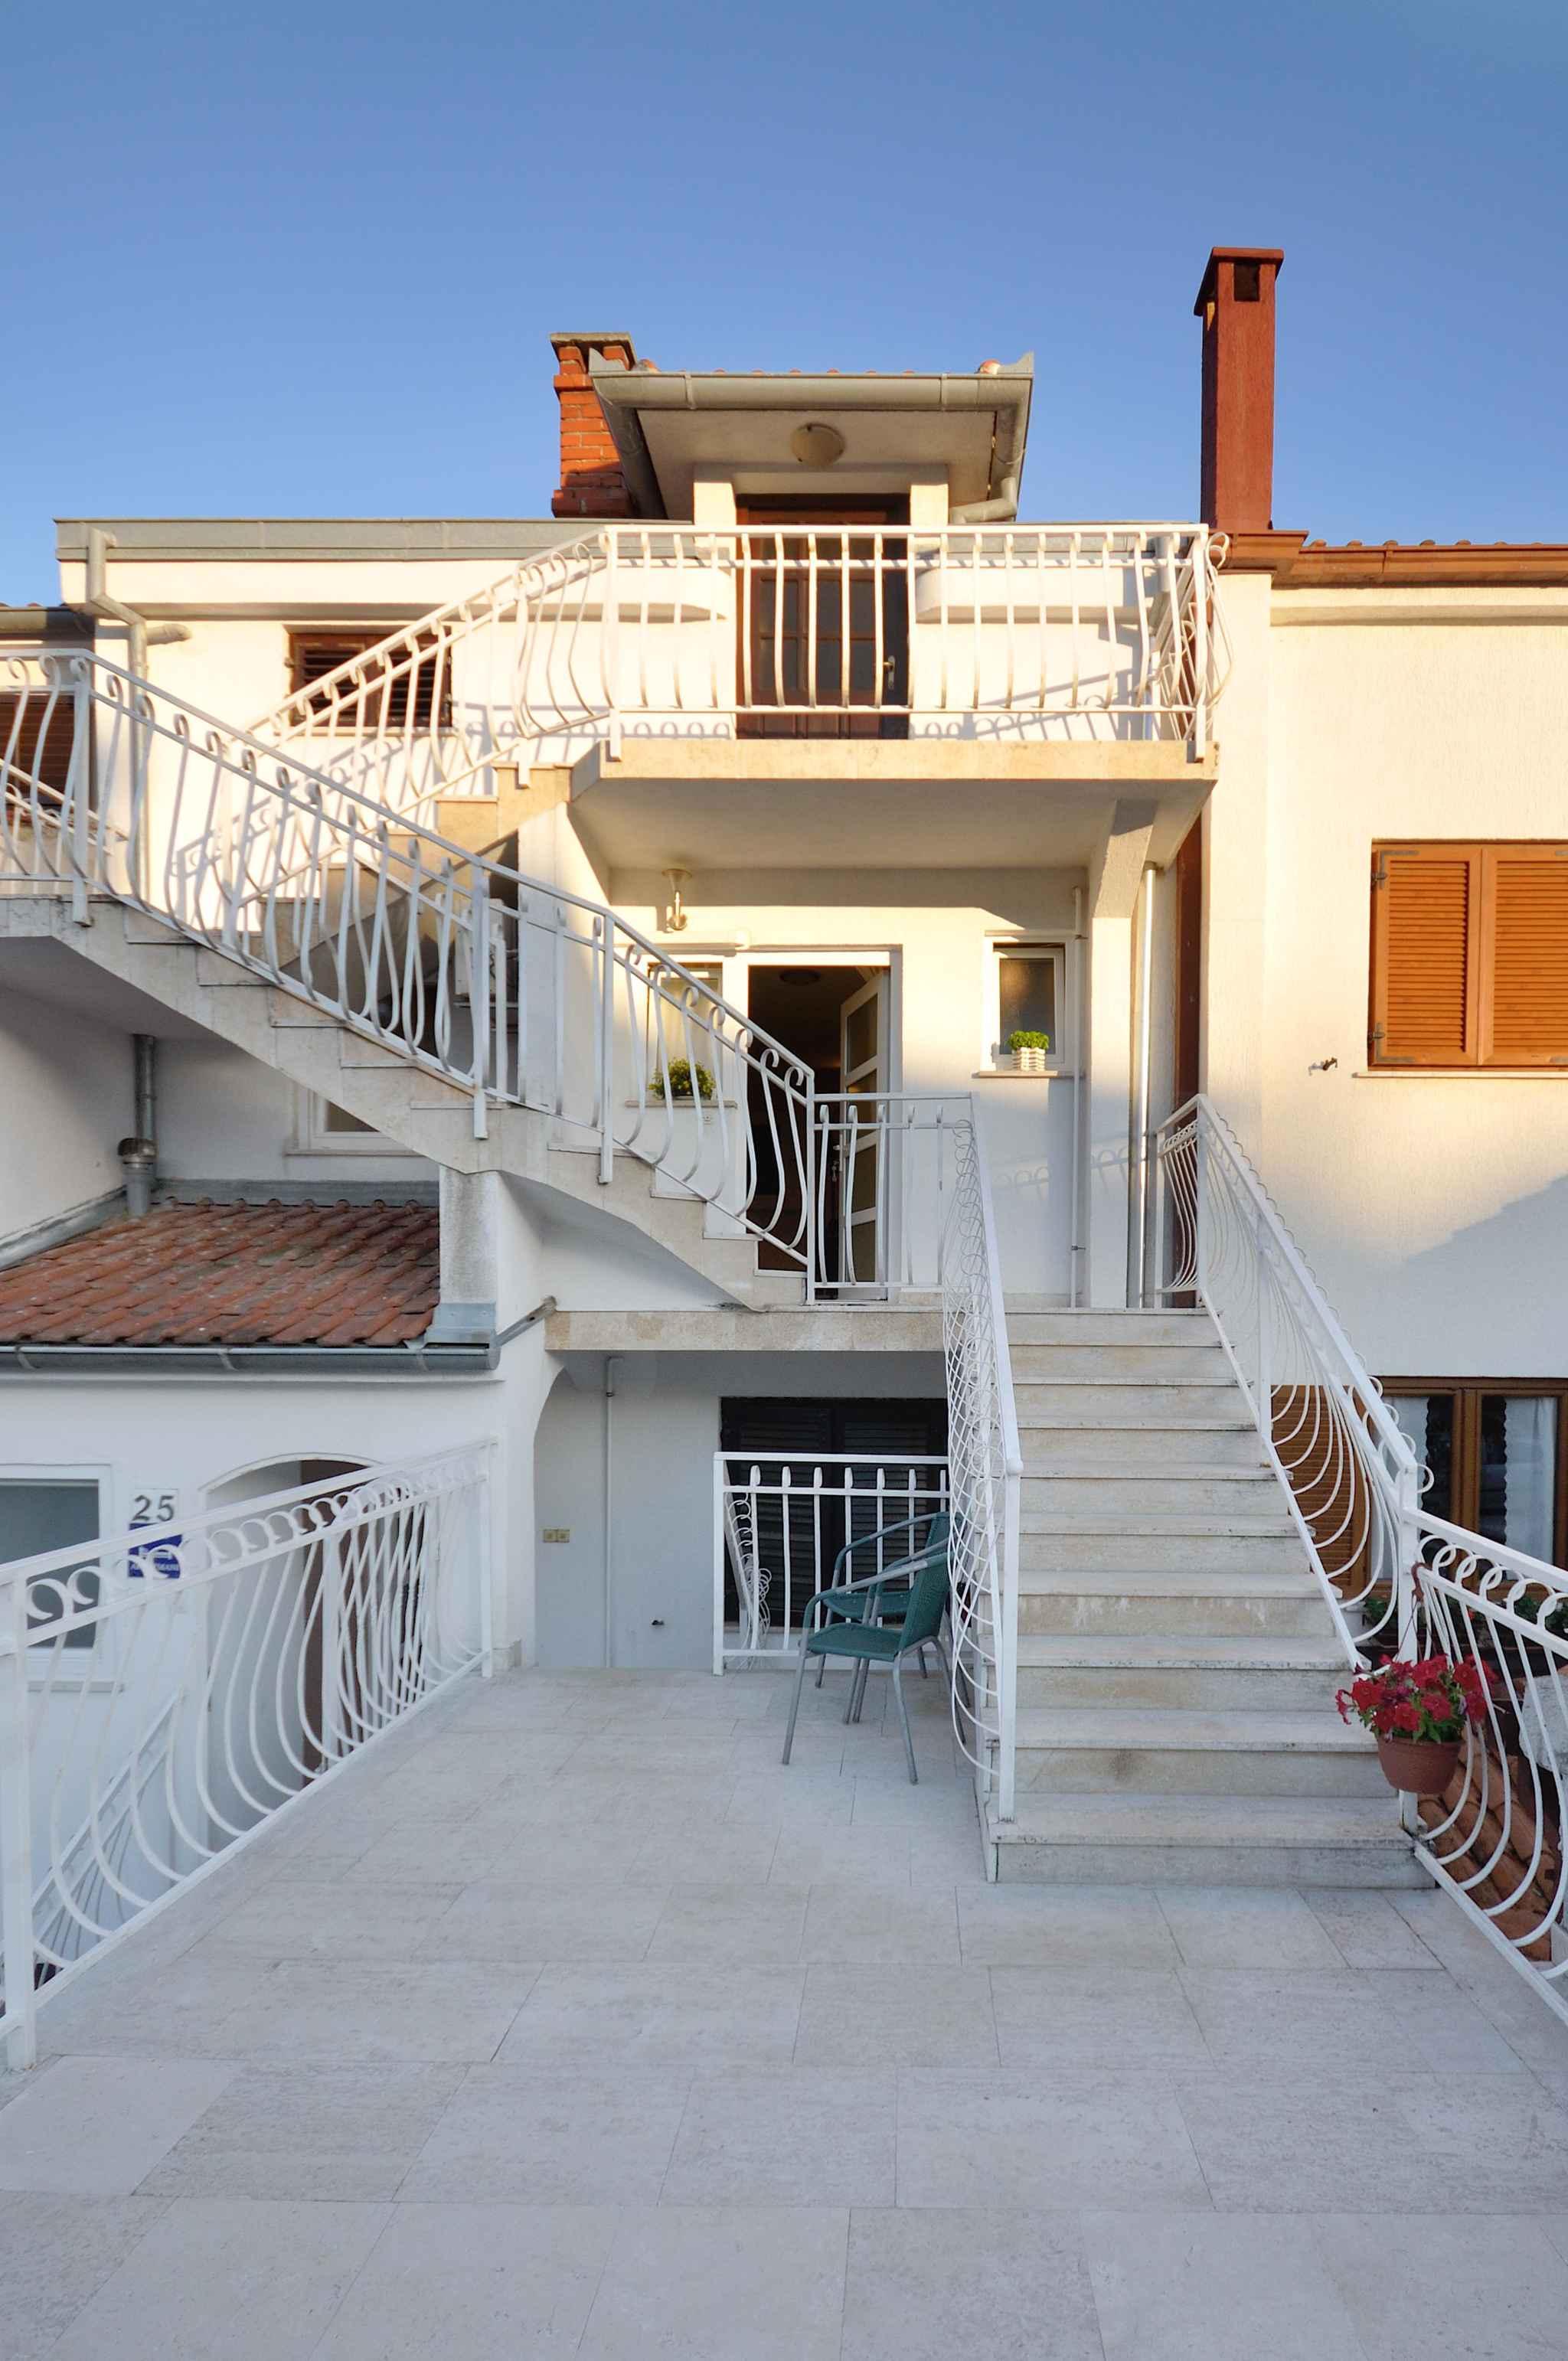 Ferienwohnung mit überdachter Loggia (280655), Pula, , Istrien, Kroatien, Bild 2